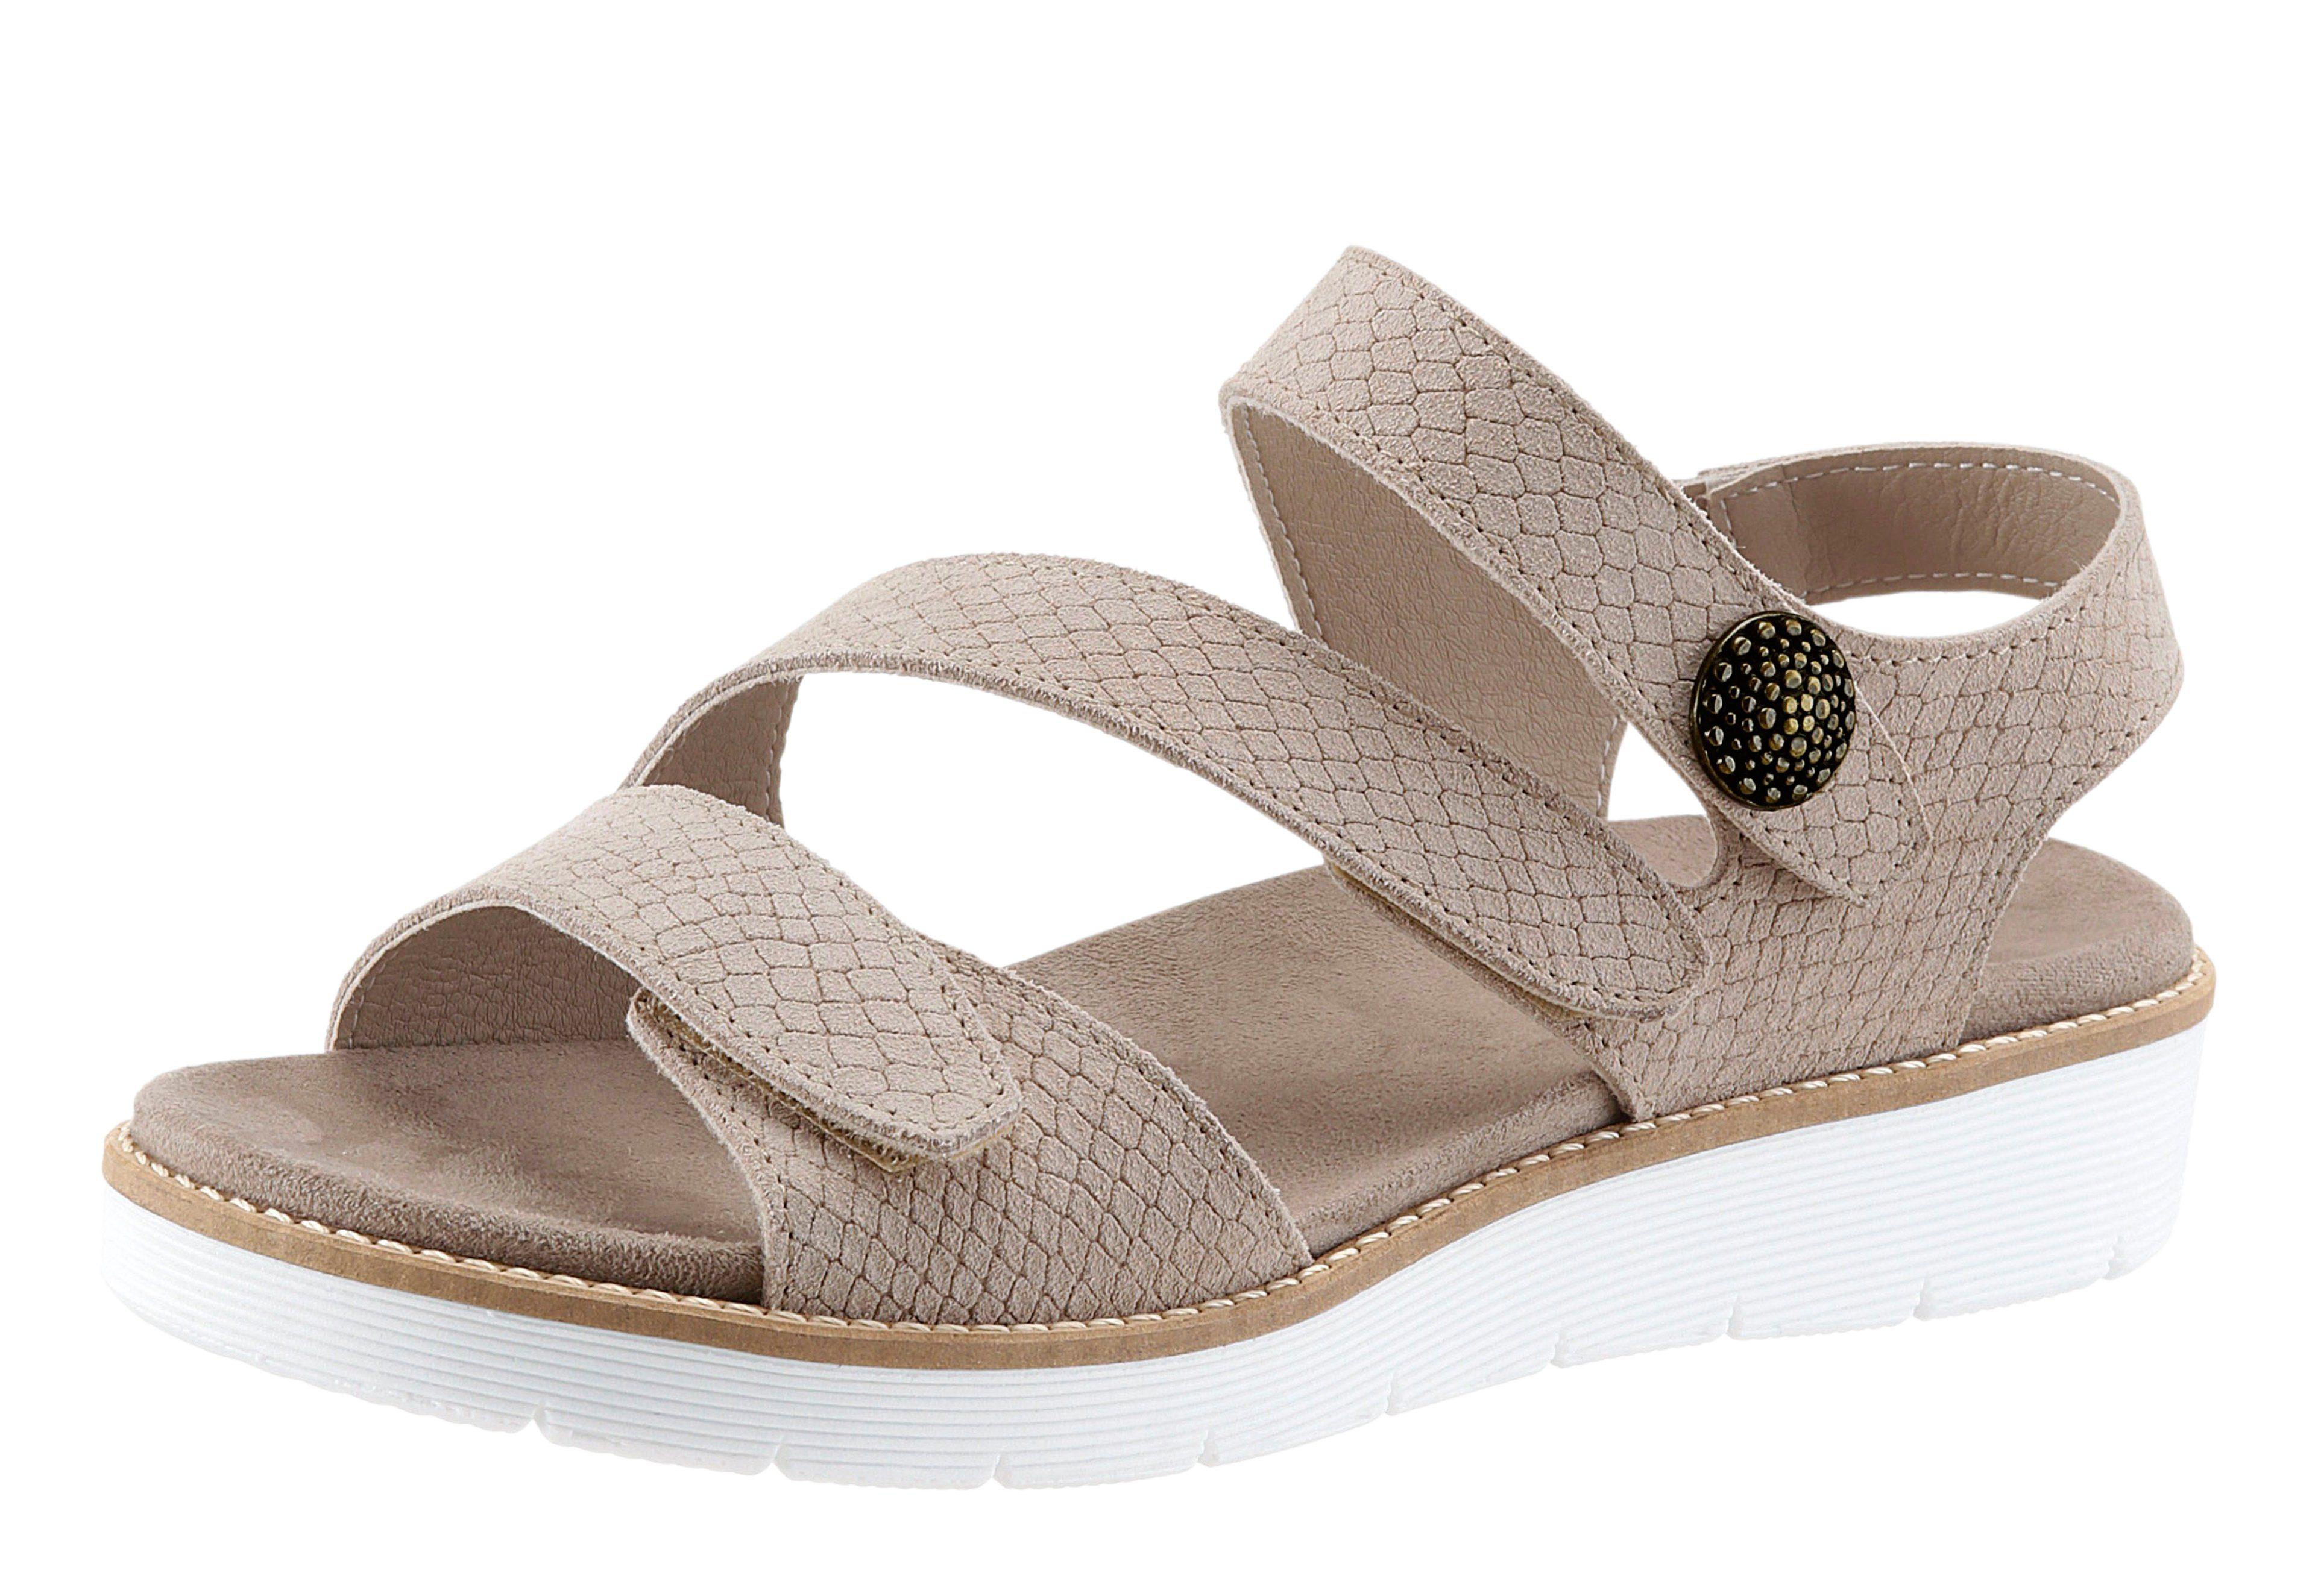 Aco Sandalette mit leichter Kroko-Prägung kaufen  beige